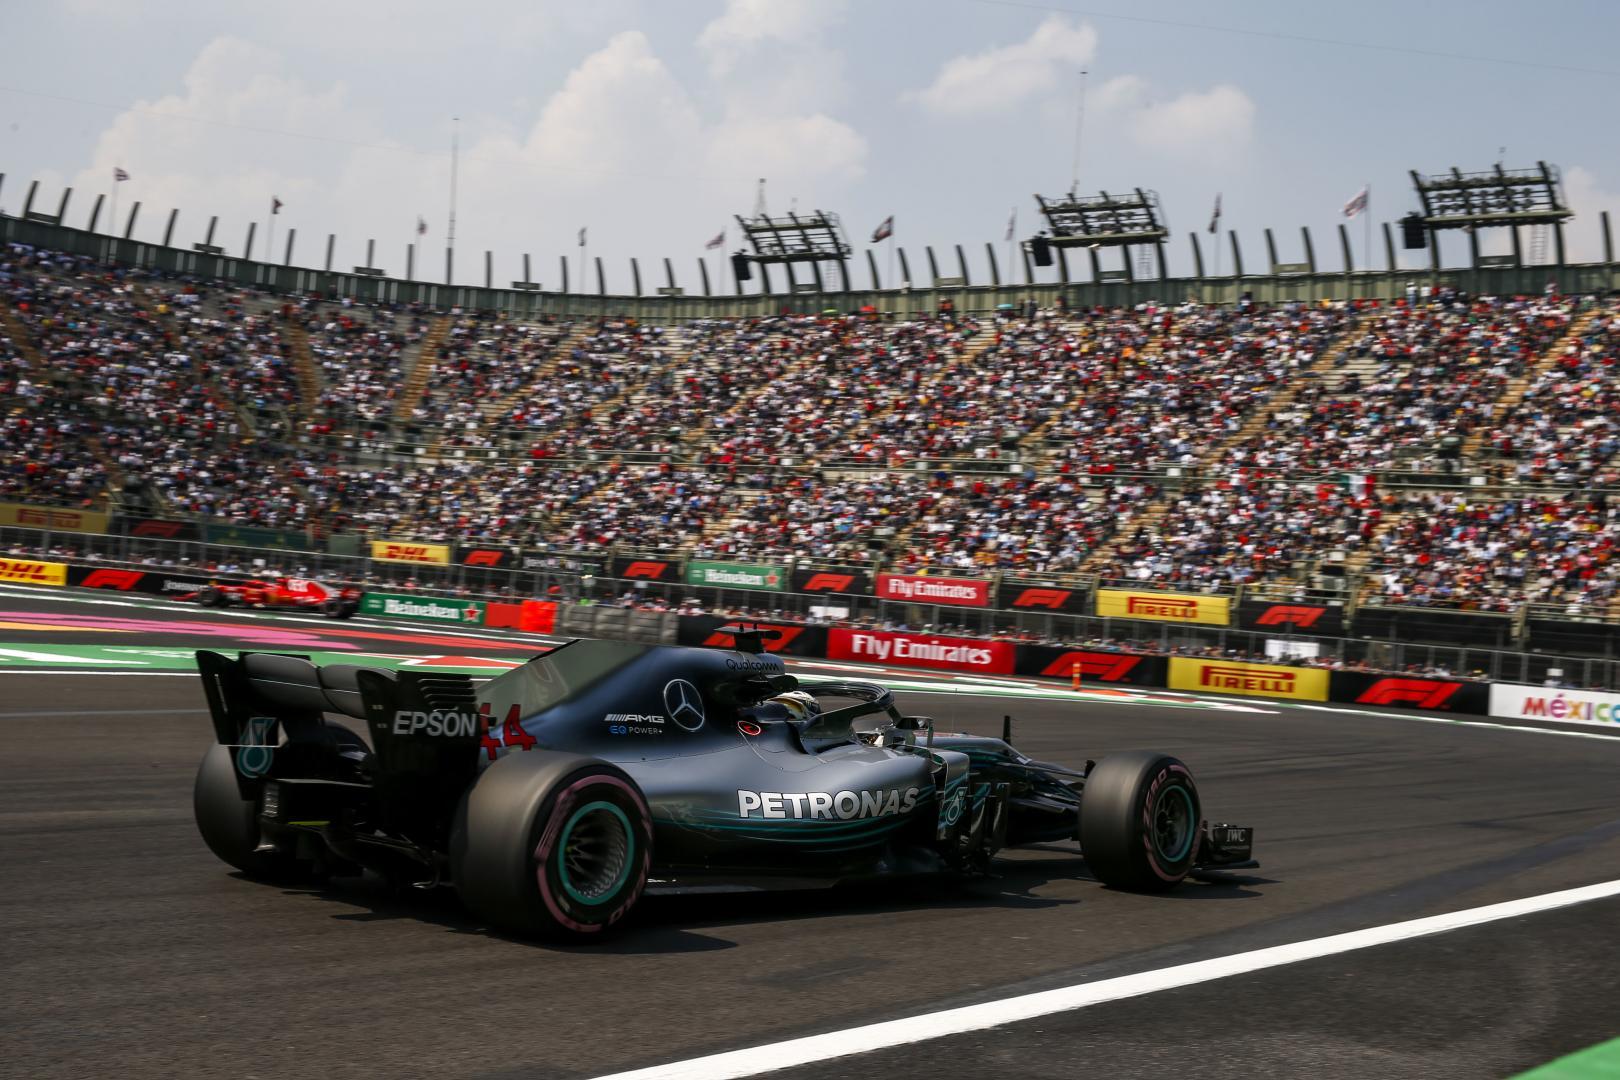 Kwalificatie van de GP van Mexico 2018